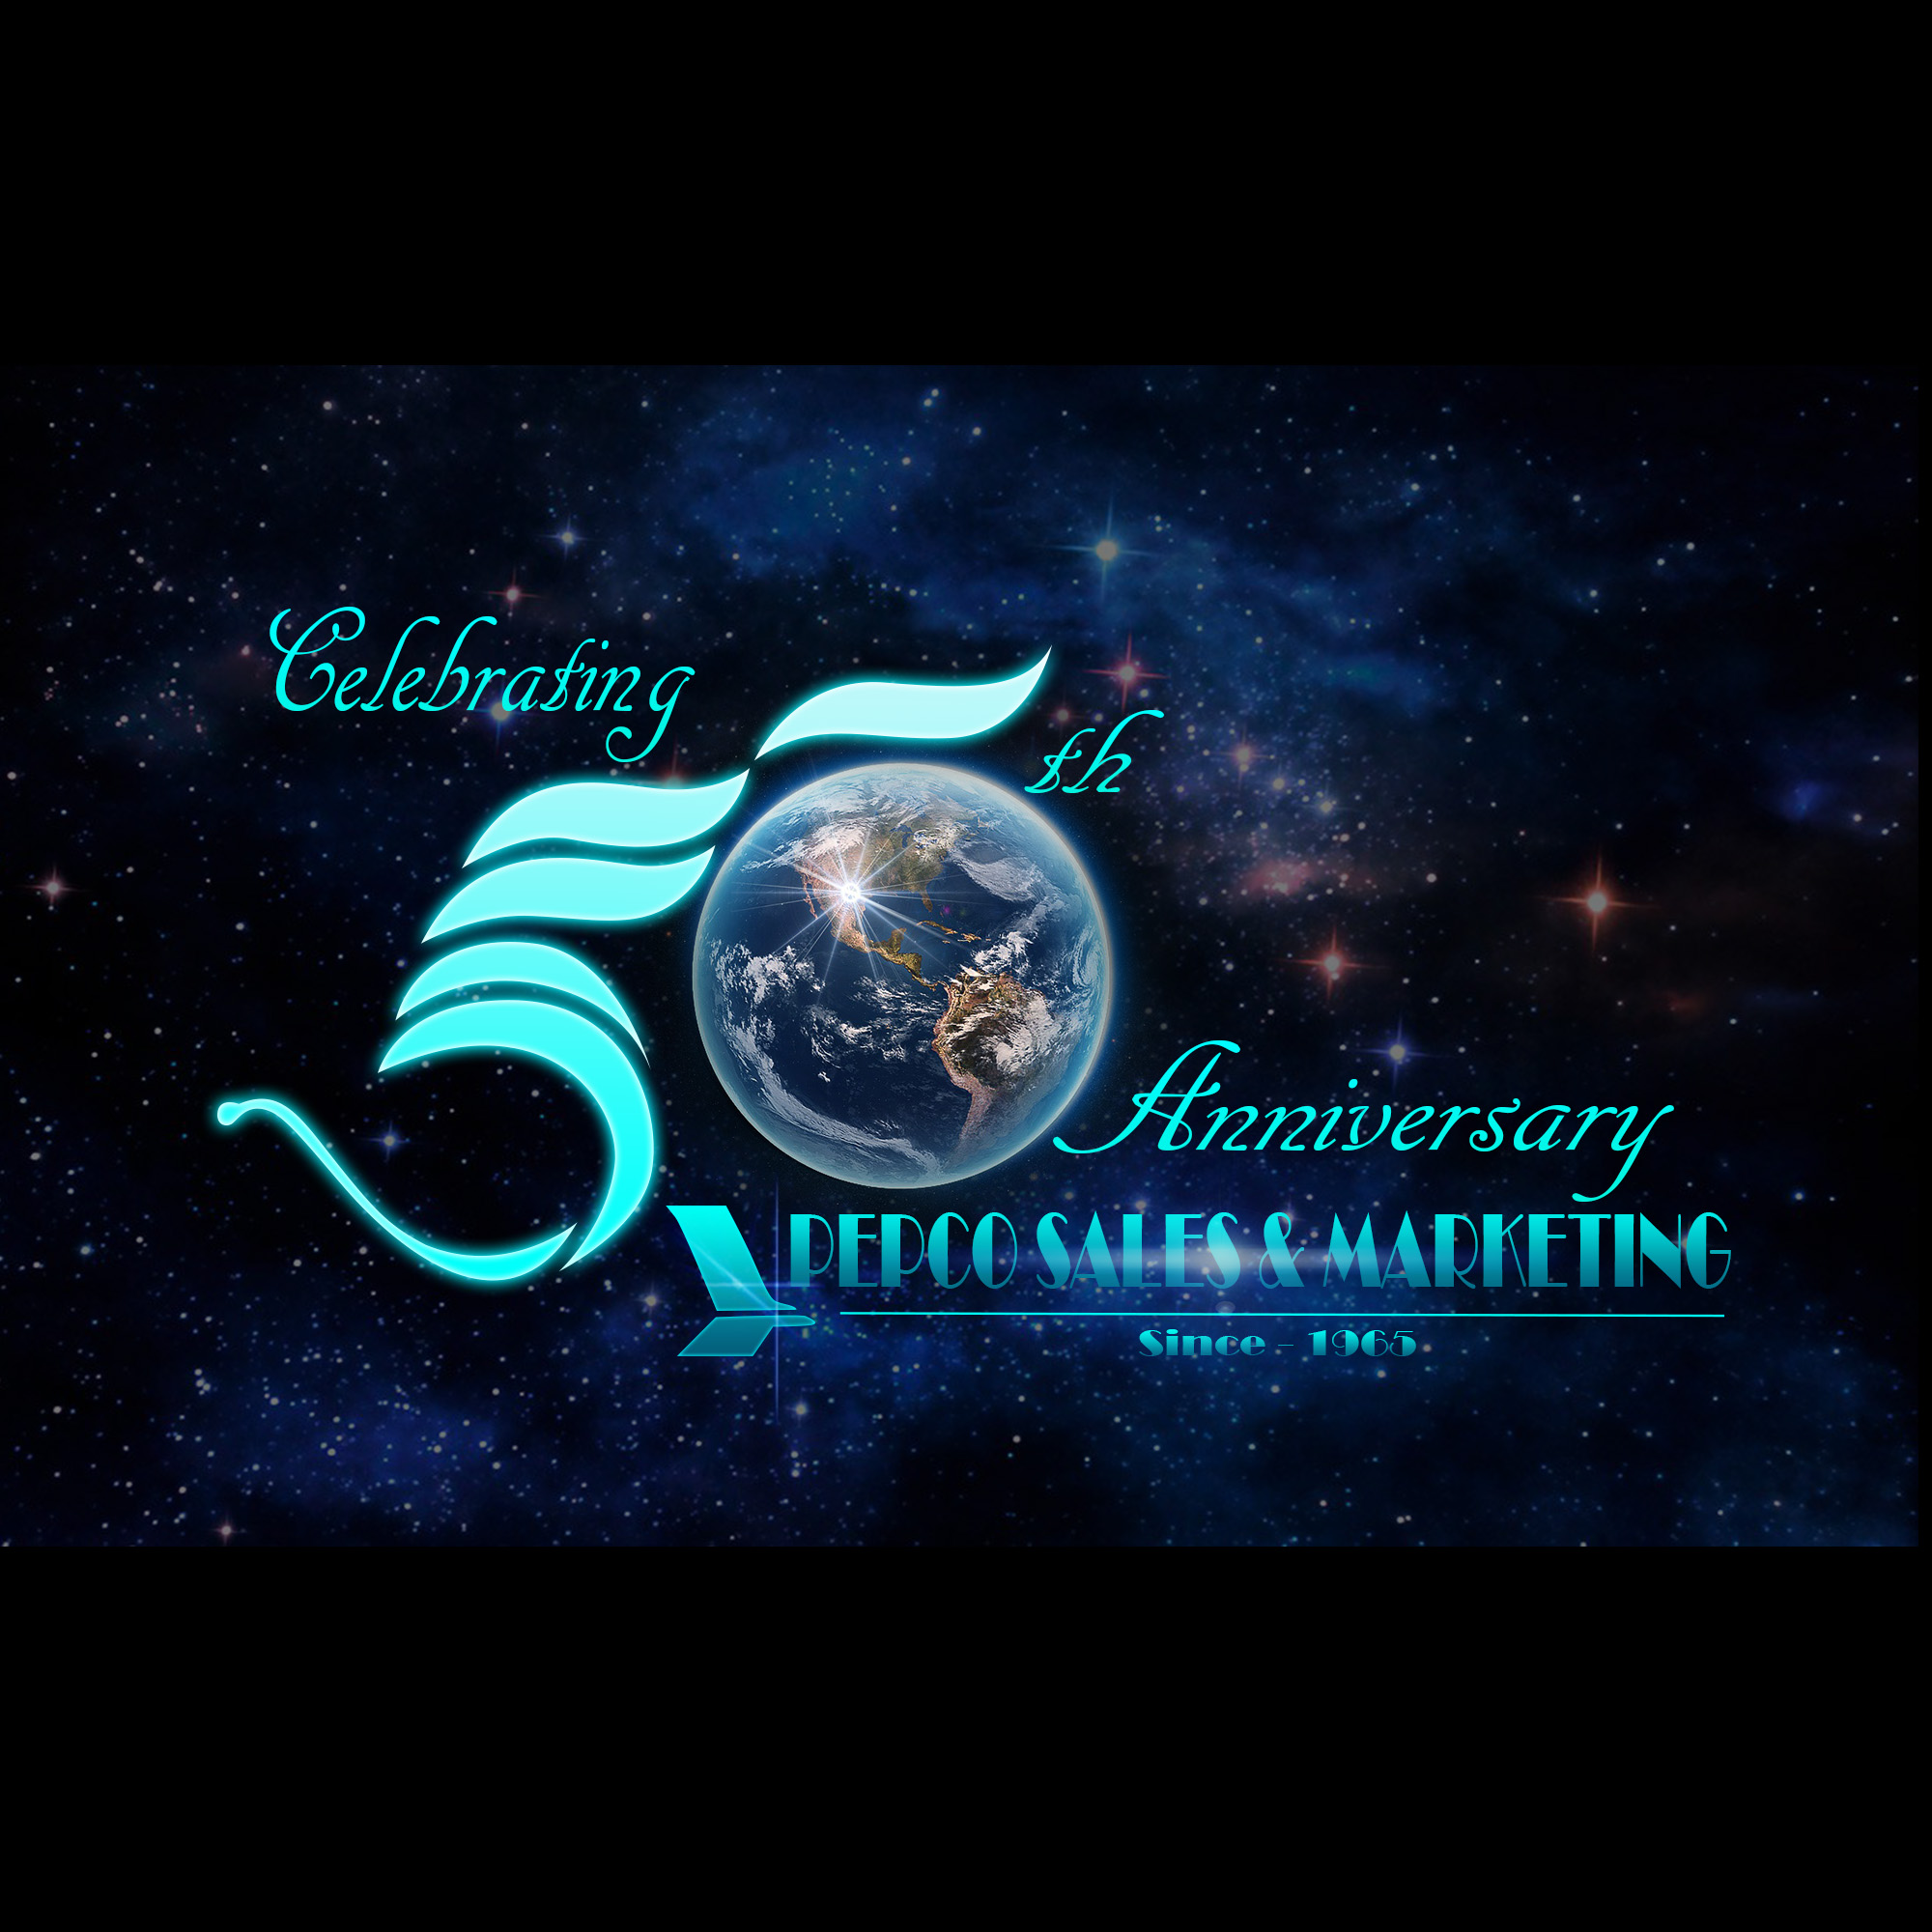 Logo Design by Elmar Mangadlao - Entry No. 13 in the Logo Design Contest 50th Anniversary Logo Design for Pepco Sales  & Marketing.